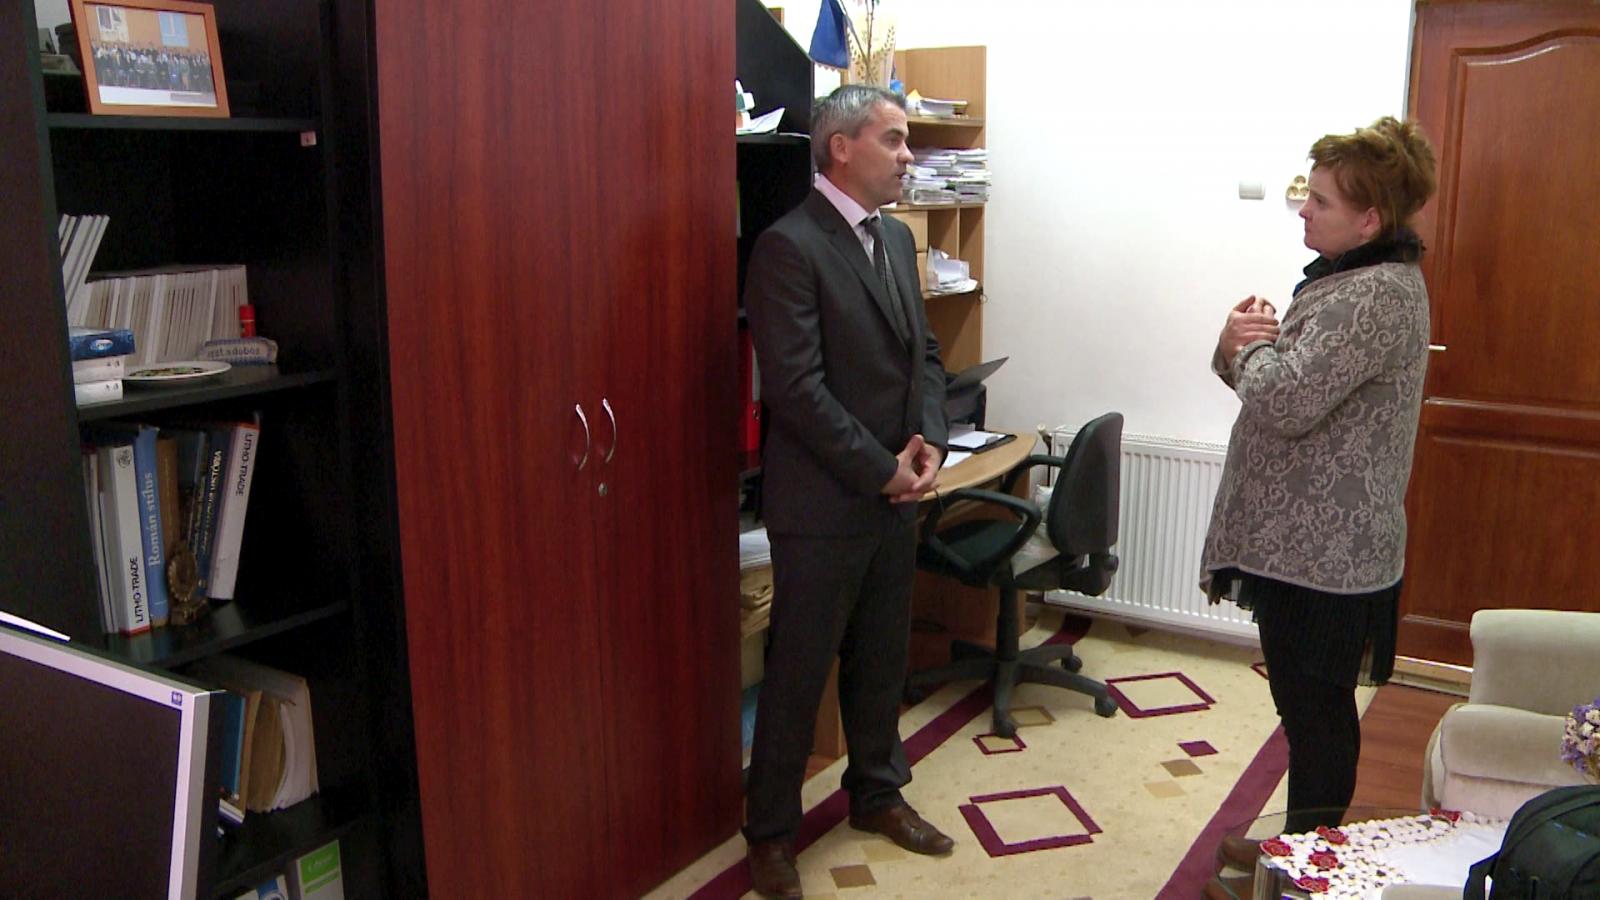 Balogh Ferenc Csongor, a Petri Mór Iskola igazgatója mesél a diákjairól